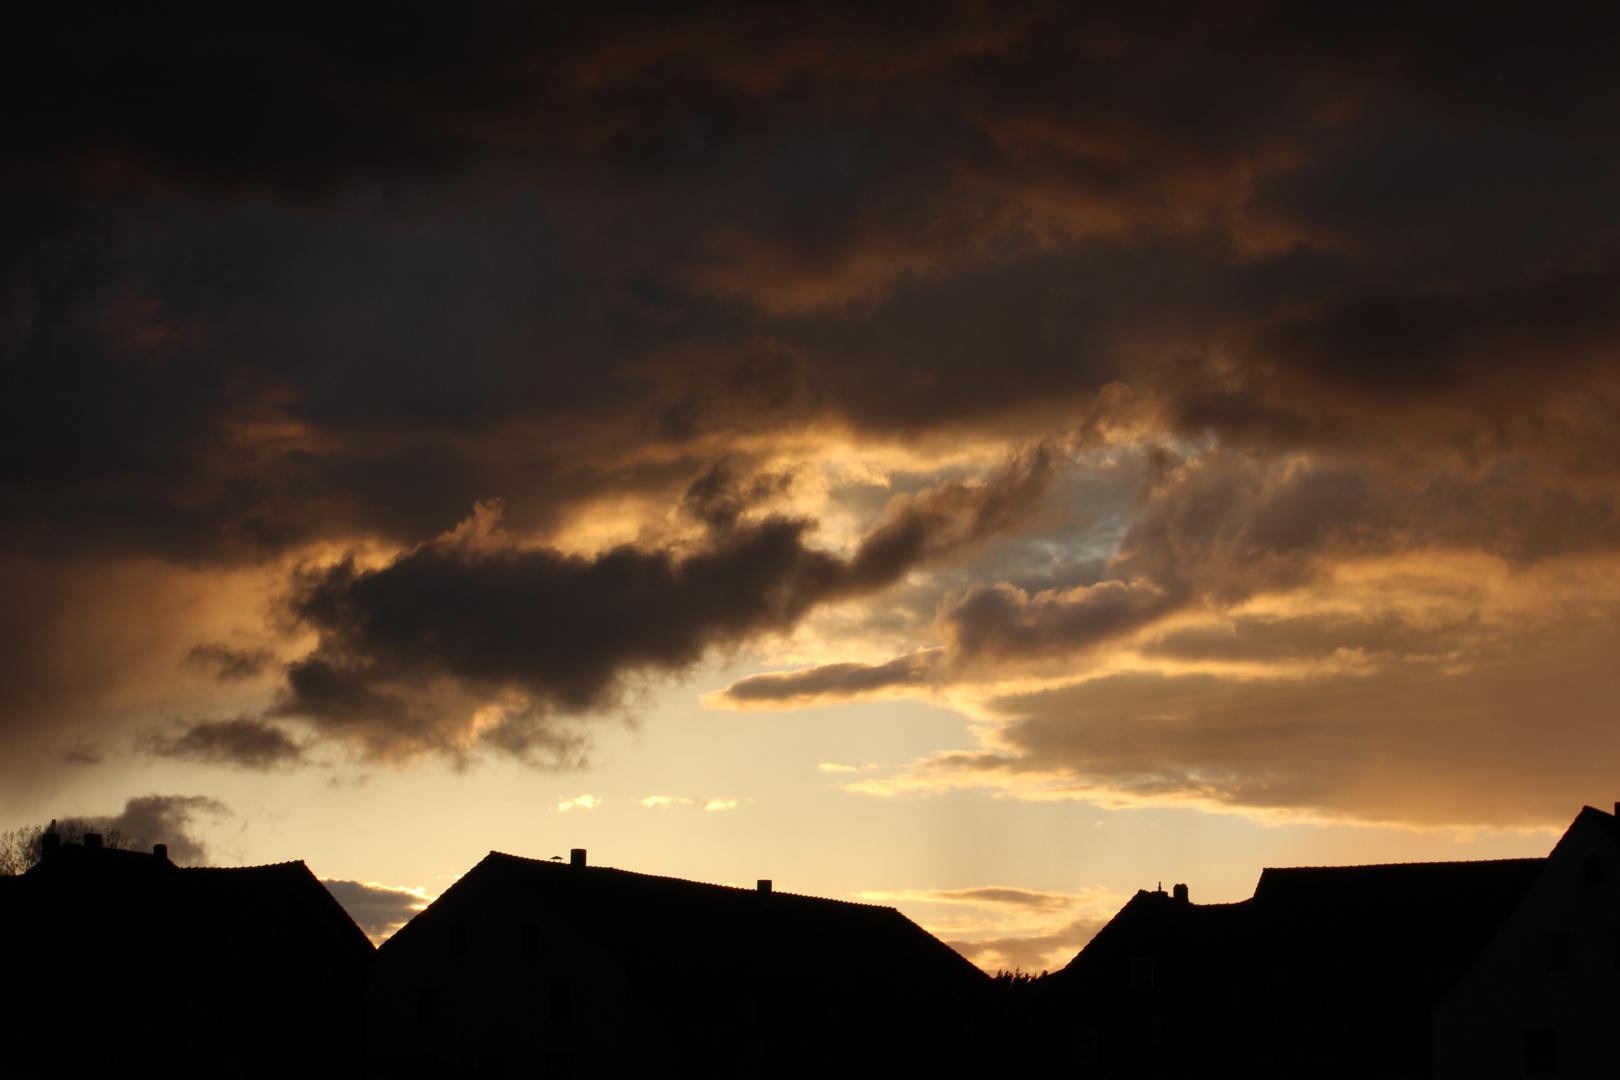 Wolken in der nordhessischen Provinz am Abend